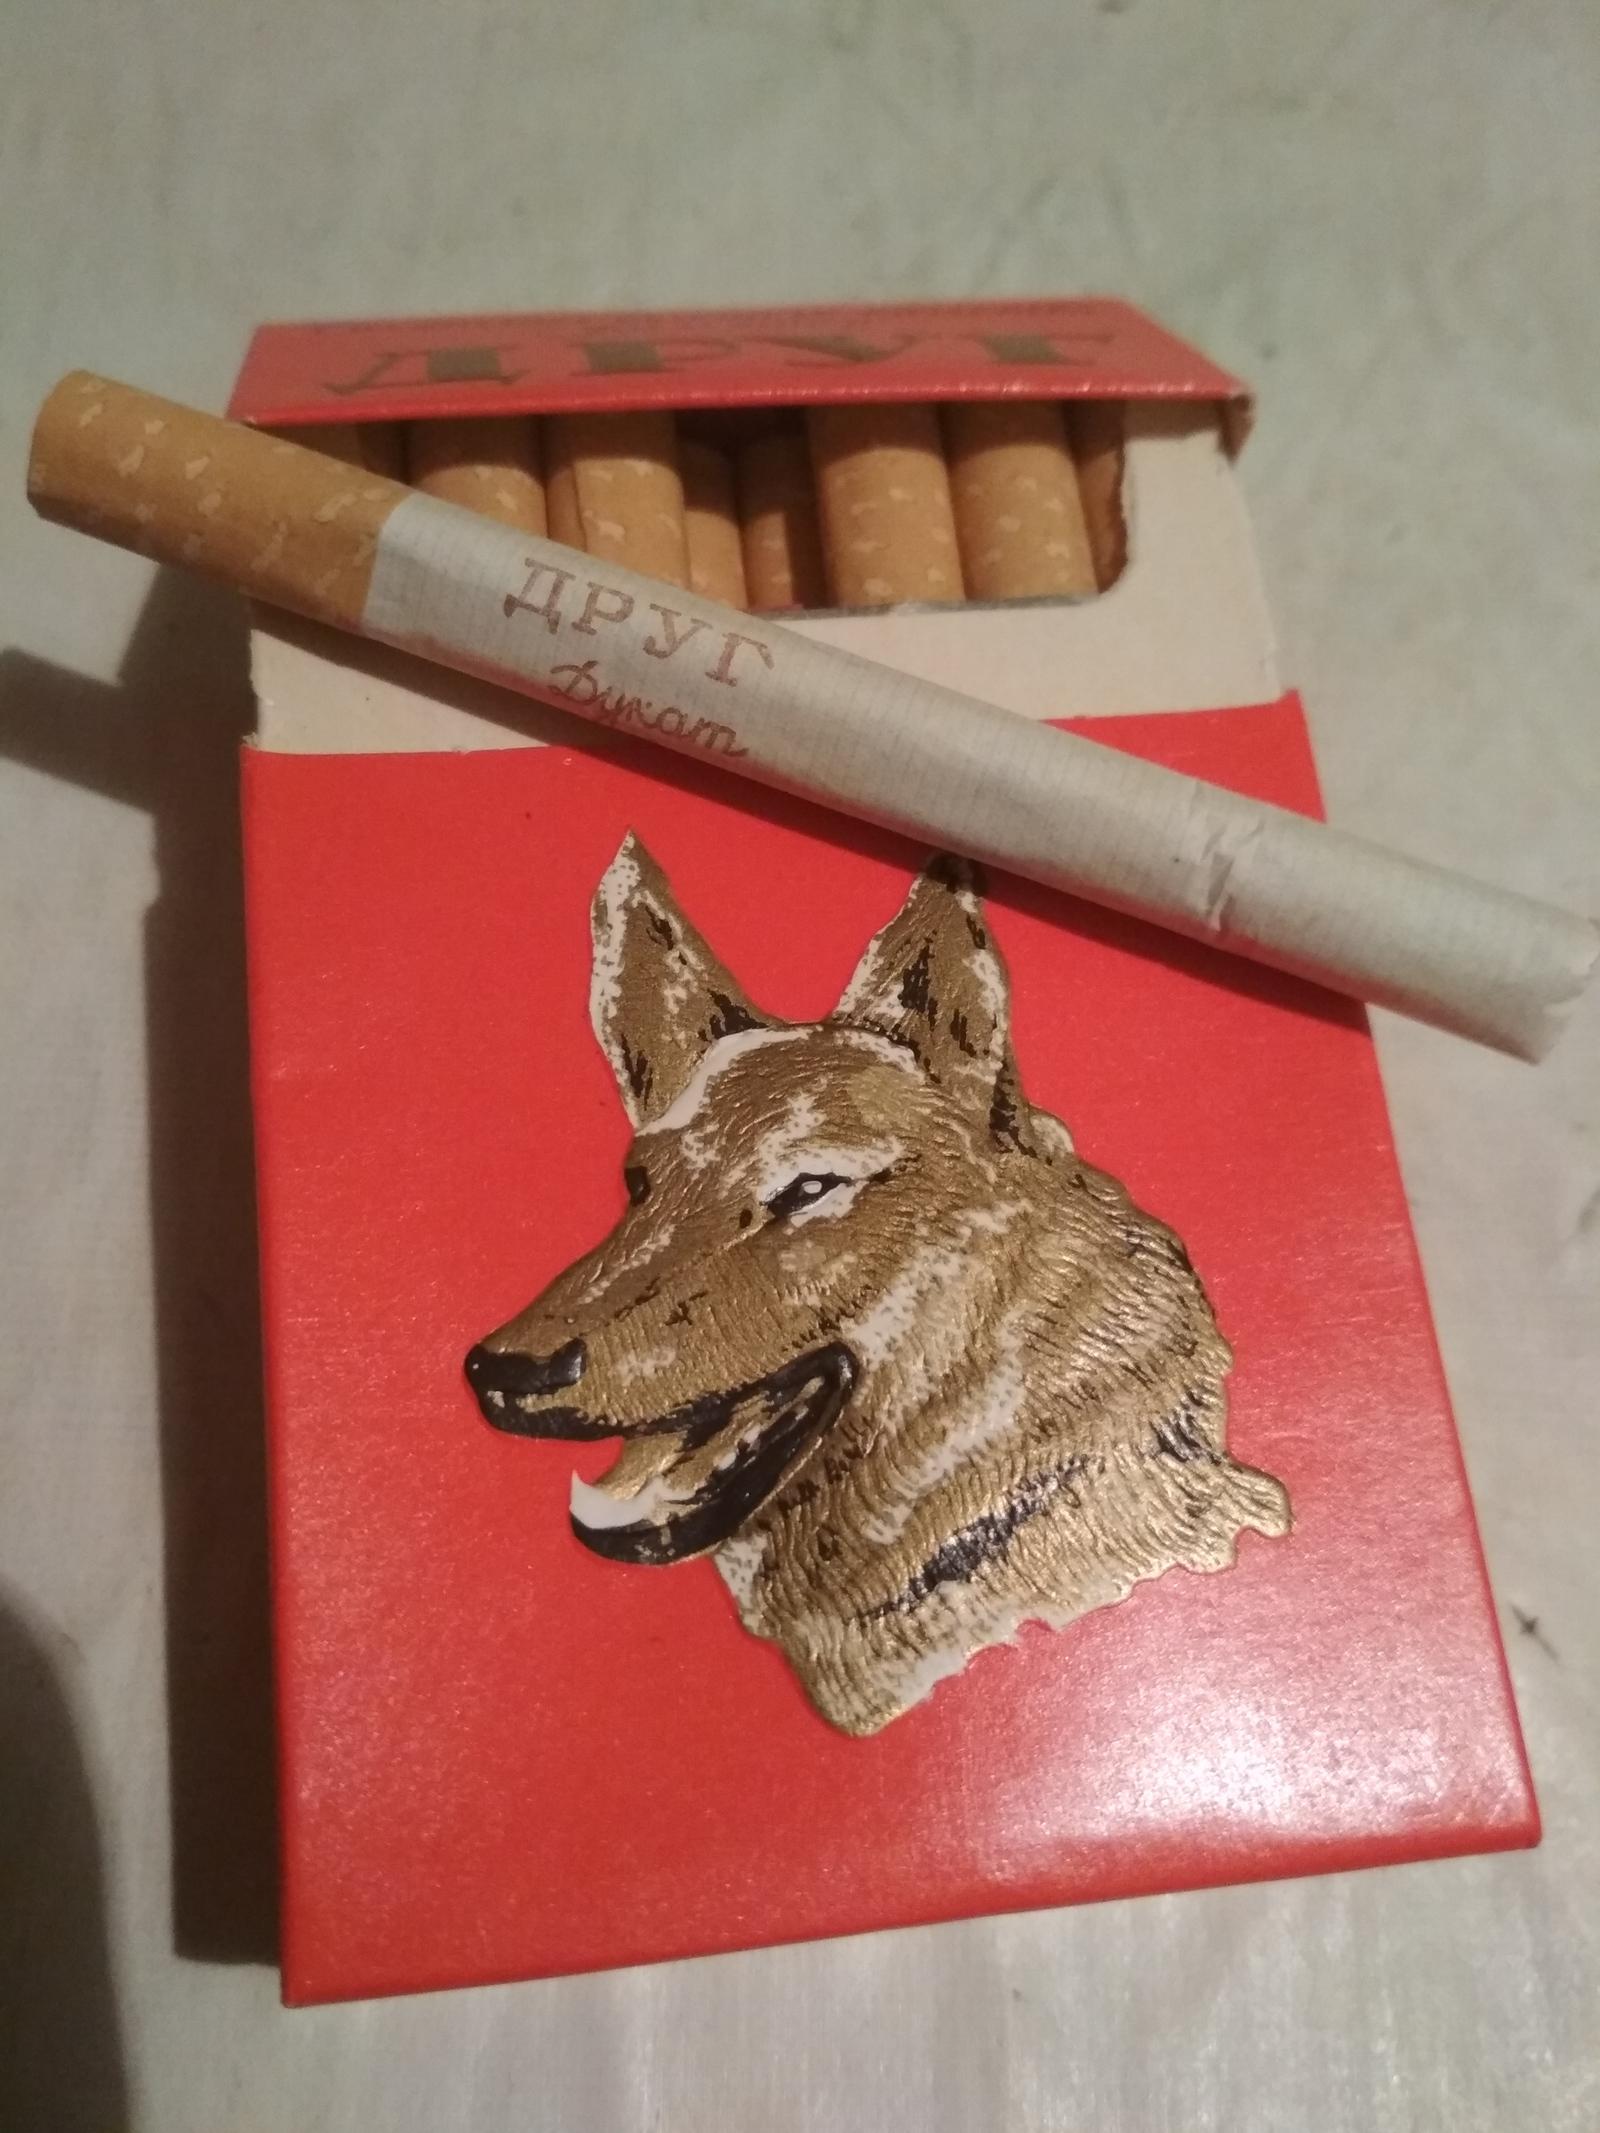 Купить сигареты друг купила первую пачку сигарет